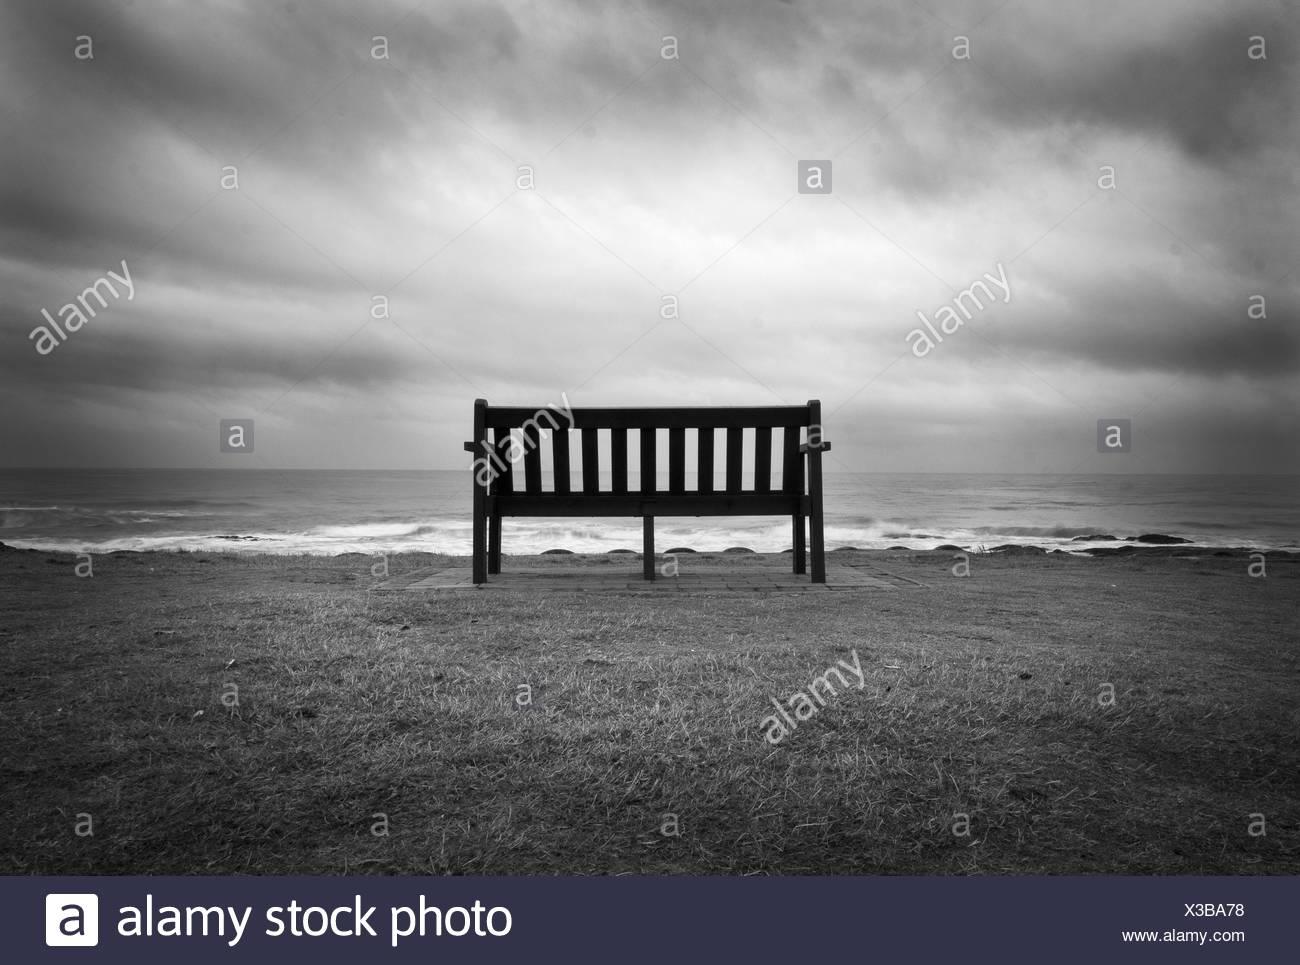 Hier und einsam ist traurig es UlliPulli: Einsam